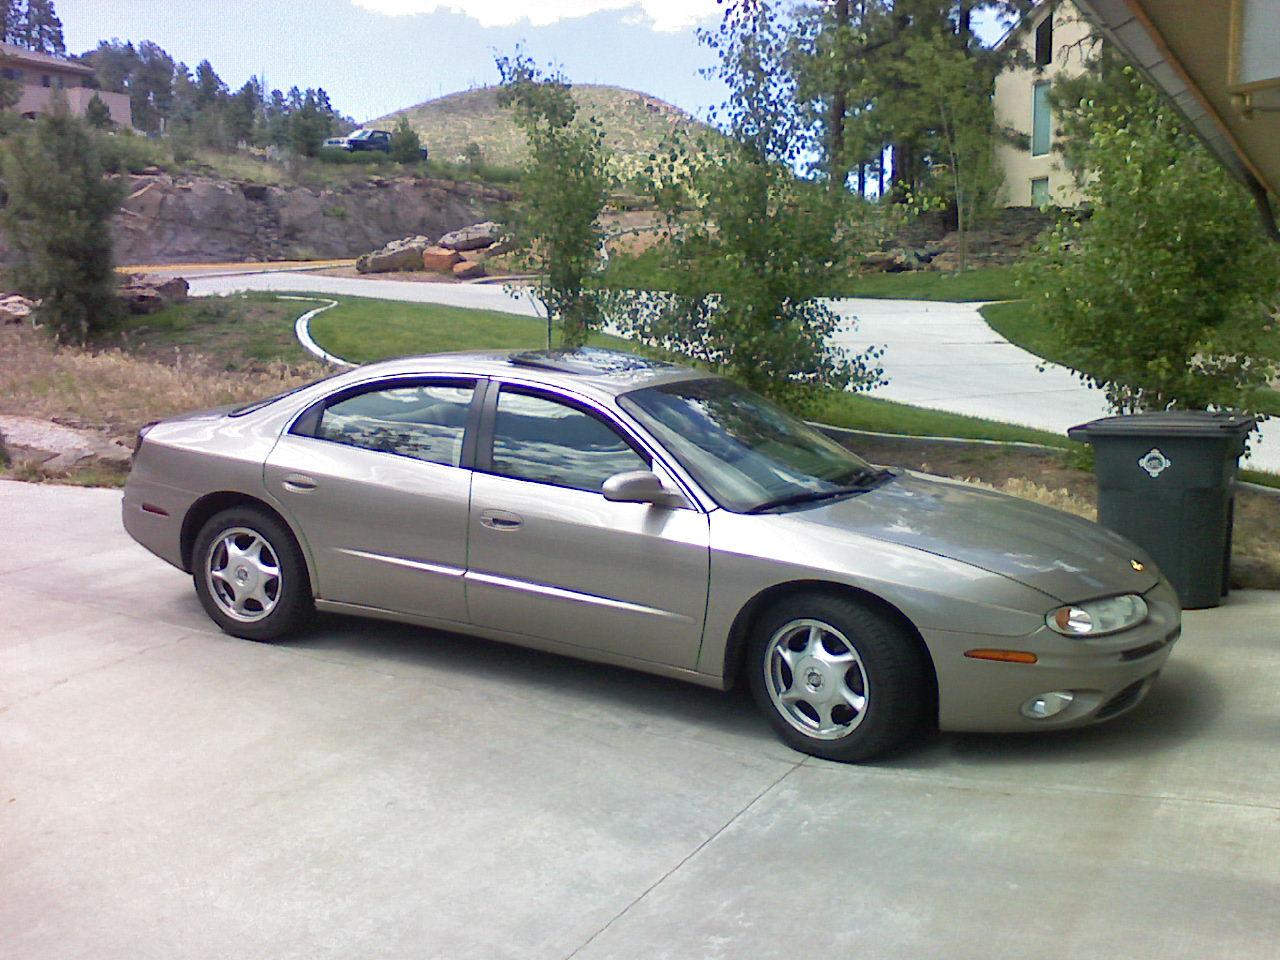 2001 oldsmobile aurora 4 dr 4 0 sedan picture, exterior